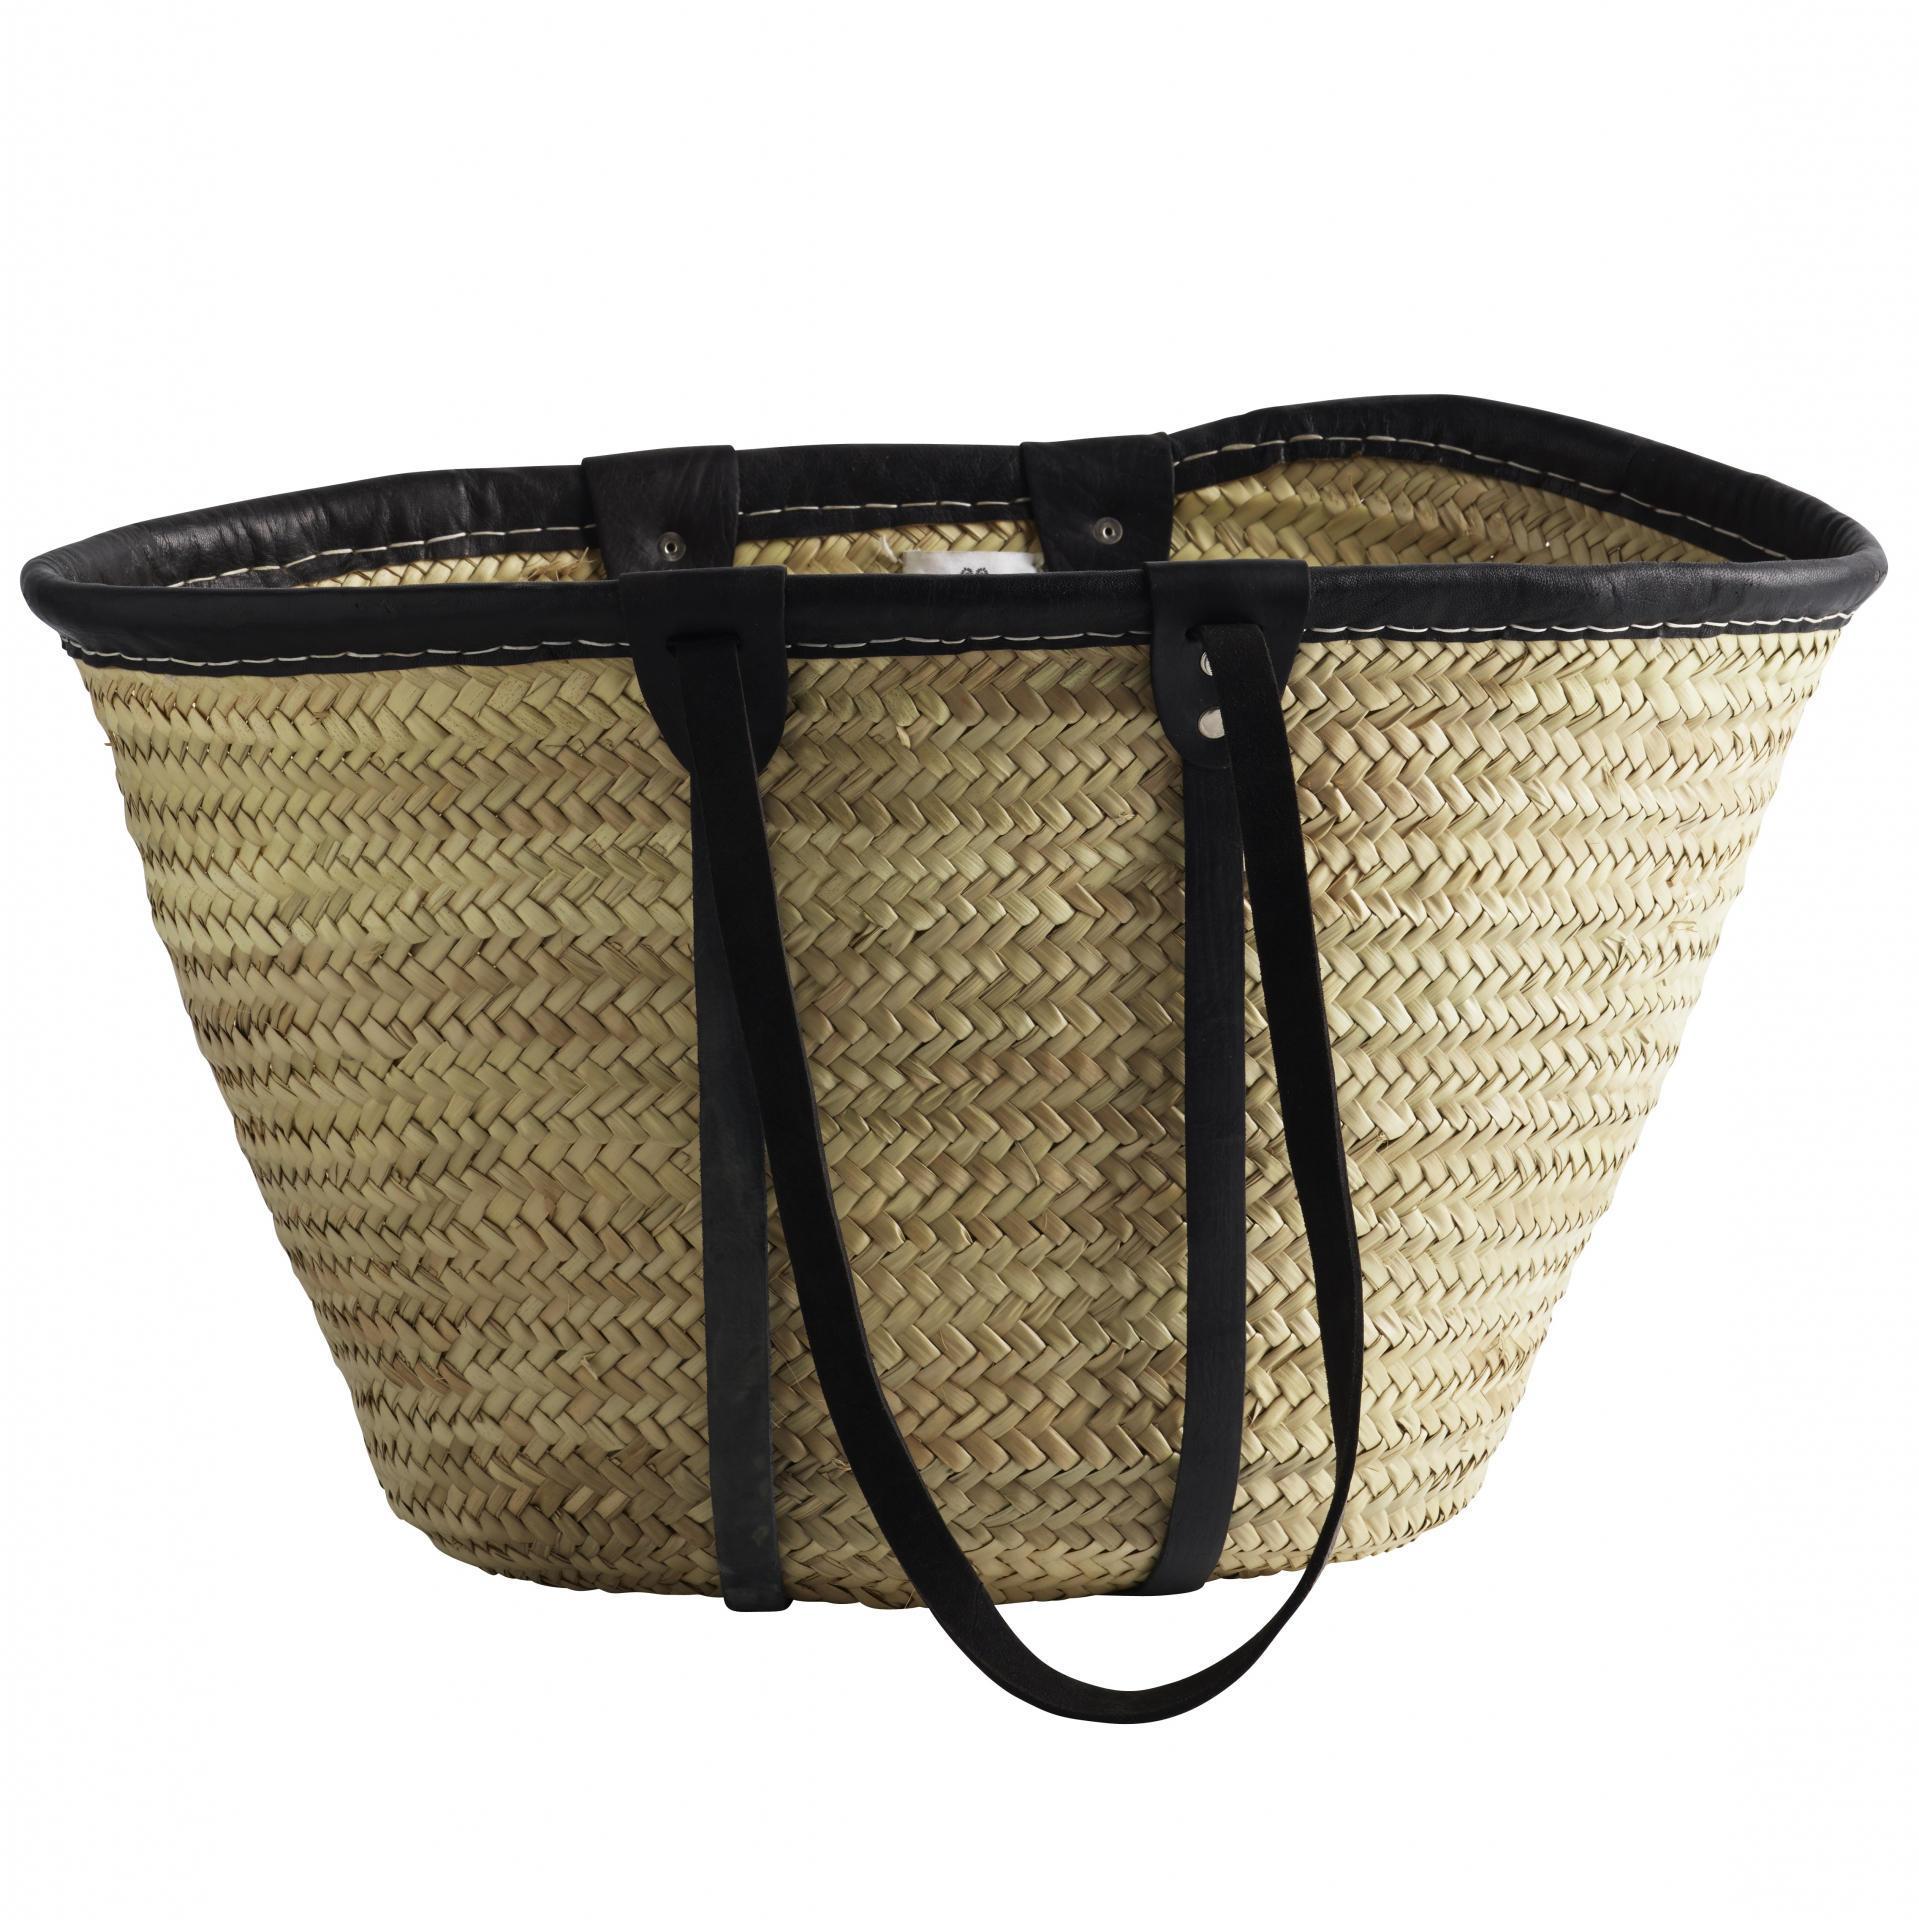 Tine K Home Slaměná taška Tine K Black - dlouhá ucha, černá barva, hnědá barva, proutí, kůže